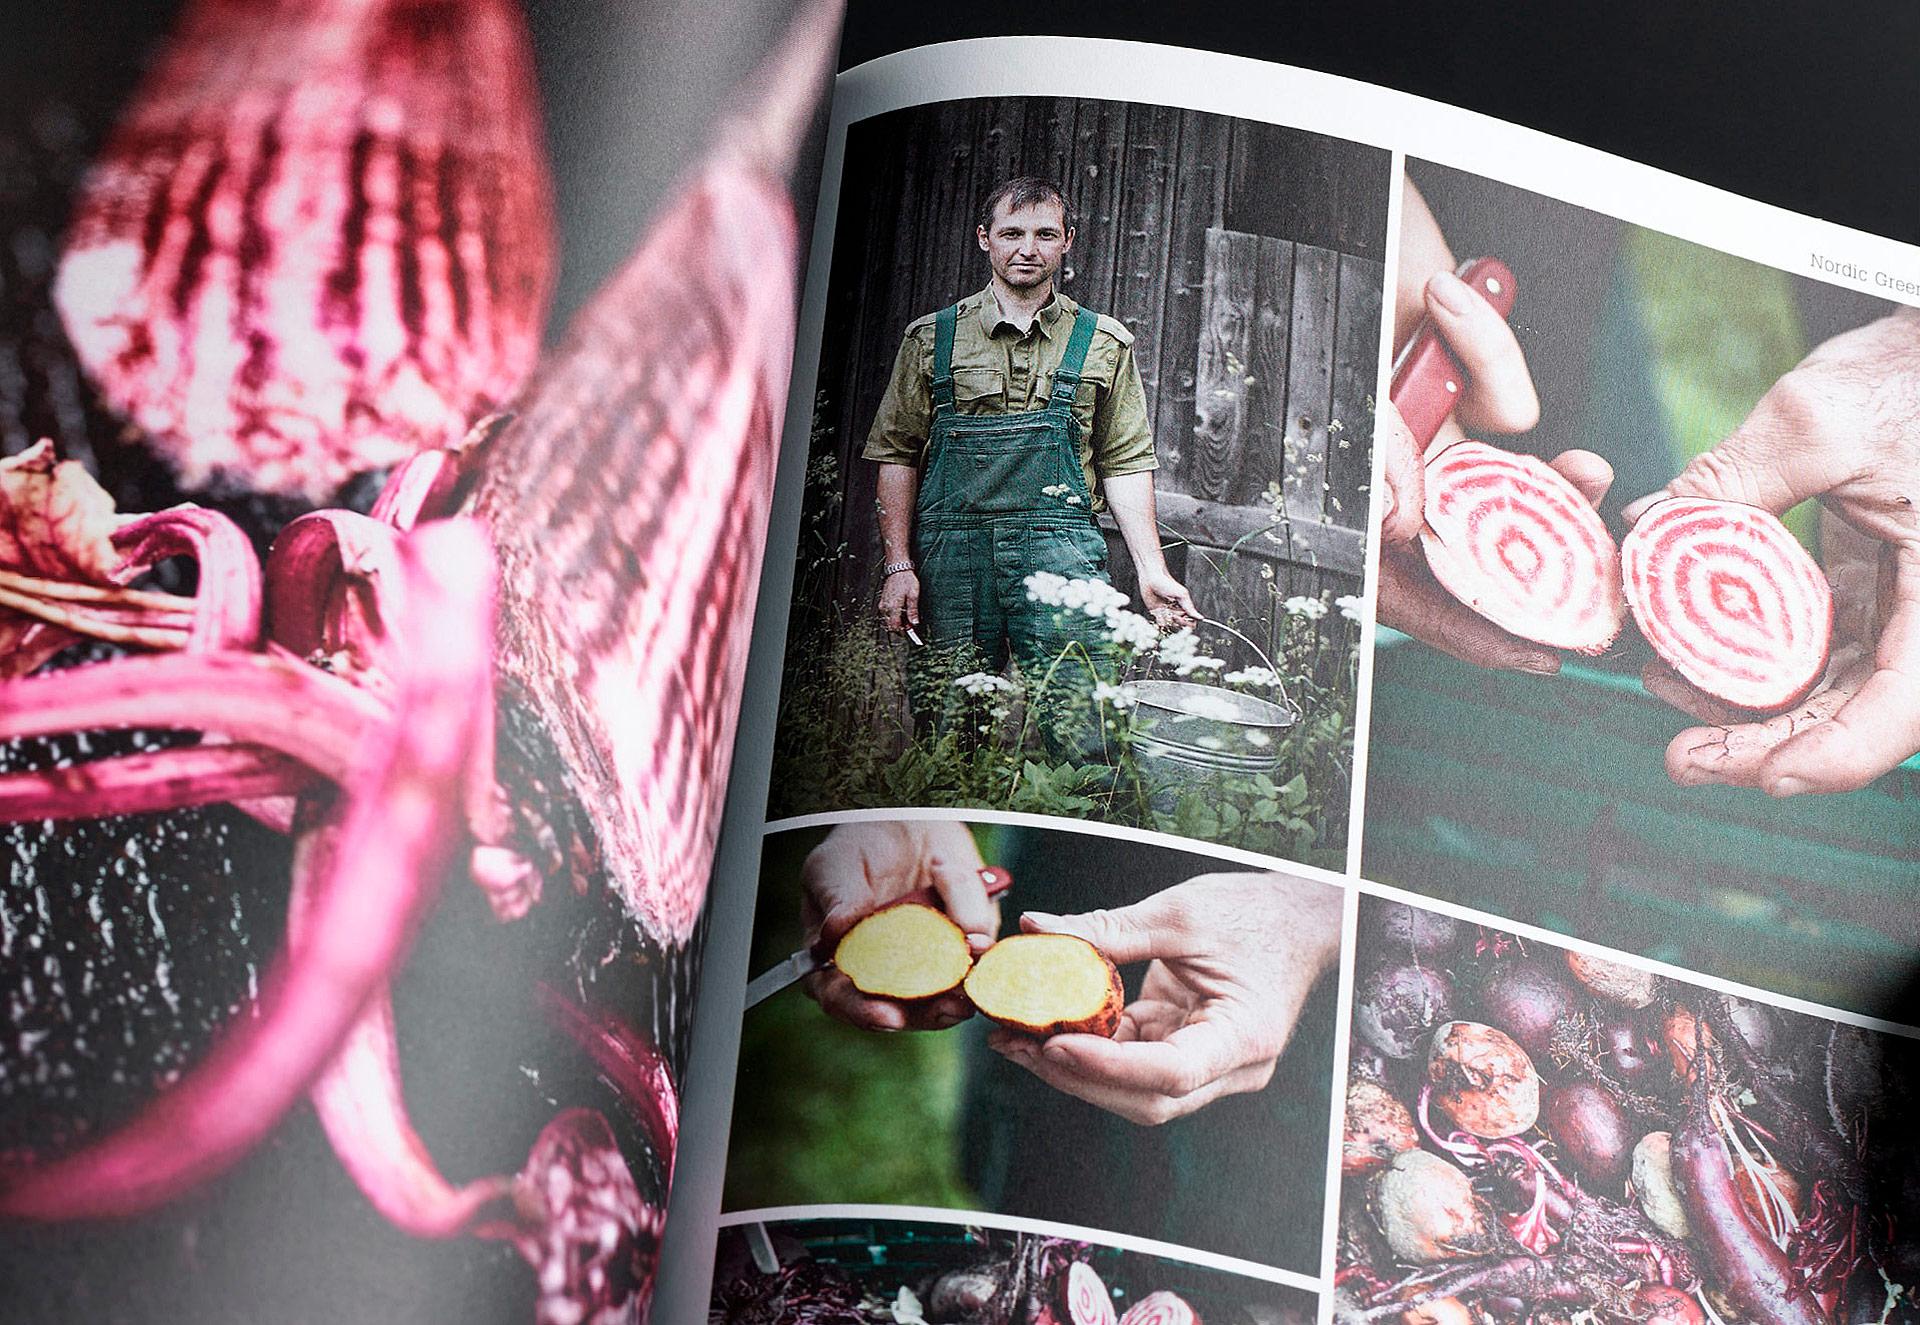 Speisekarte und Prospektgestaltung für die Gastronomie Seite 34a